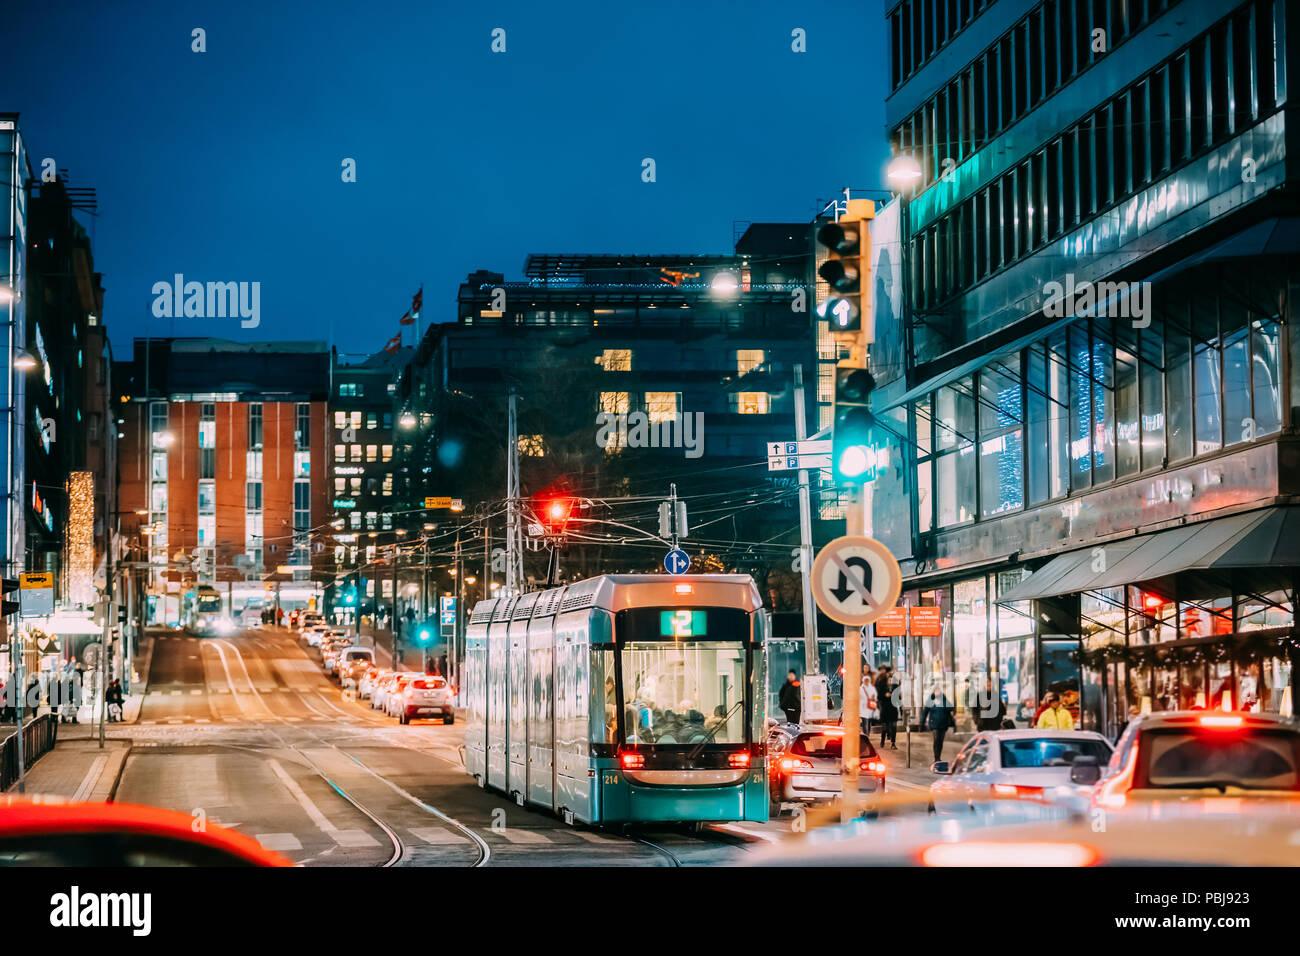 Helsinki, Finlande. Départ à partir de l'arrêt de tramway sur la rue Kaivokatu à Helsinki. Vue nocturne de la rue Kaivokatu à Kluuvi District dans la soirée ou la nuit malade Photo Stock